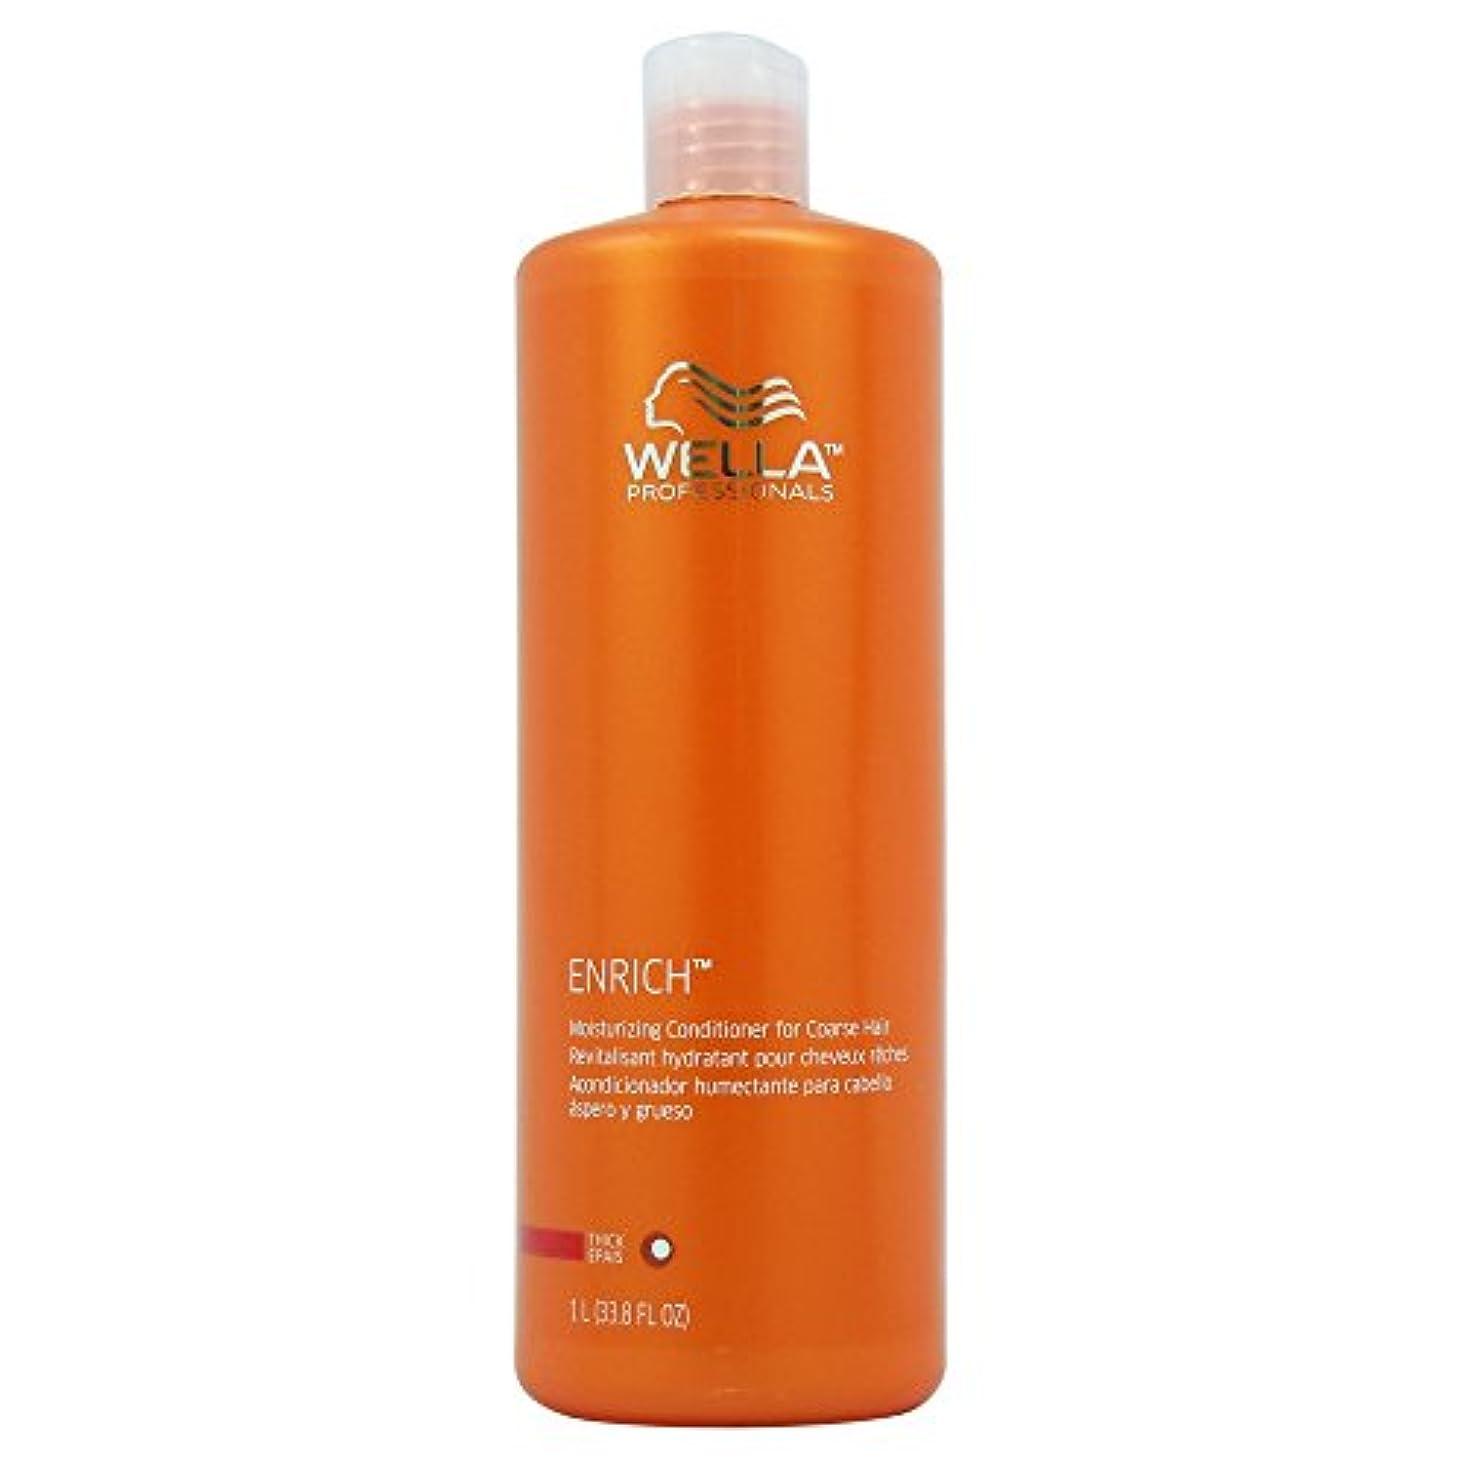 誘惑する葉っぱ表面Wella Enriched Moisturizing Conditioner for Coarse Hair for Unisex, 33.8 Ounce by Wella